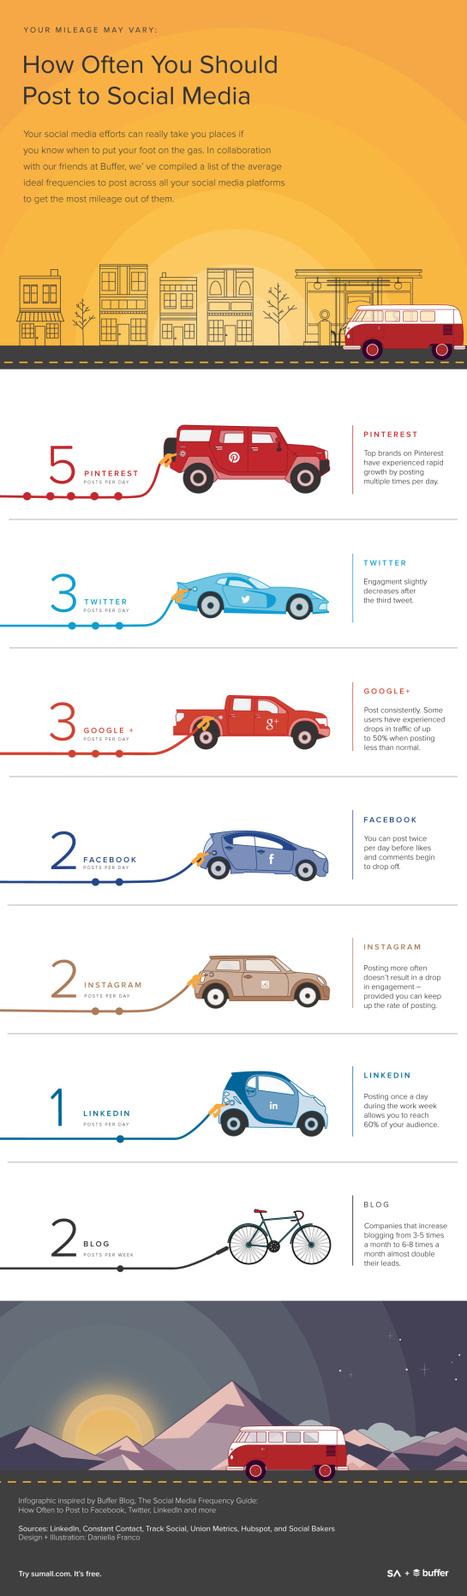 Combien de fois faut-il poster sur les réseaux sociaux dans une journée ? #SMO | Time to Learn | Scoop.it